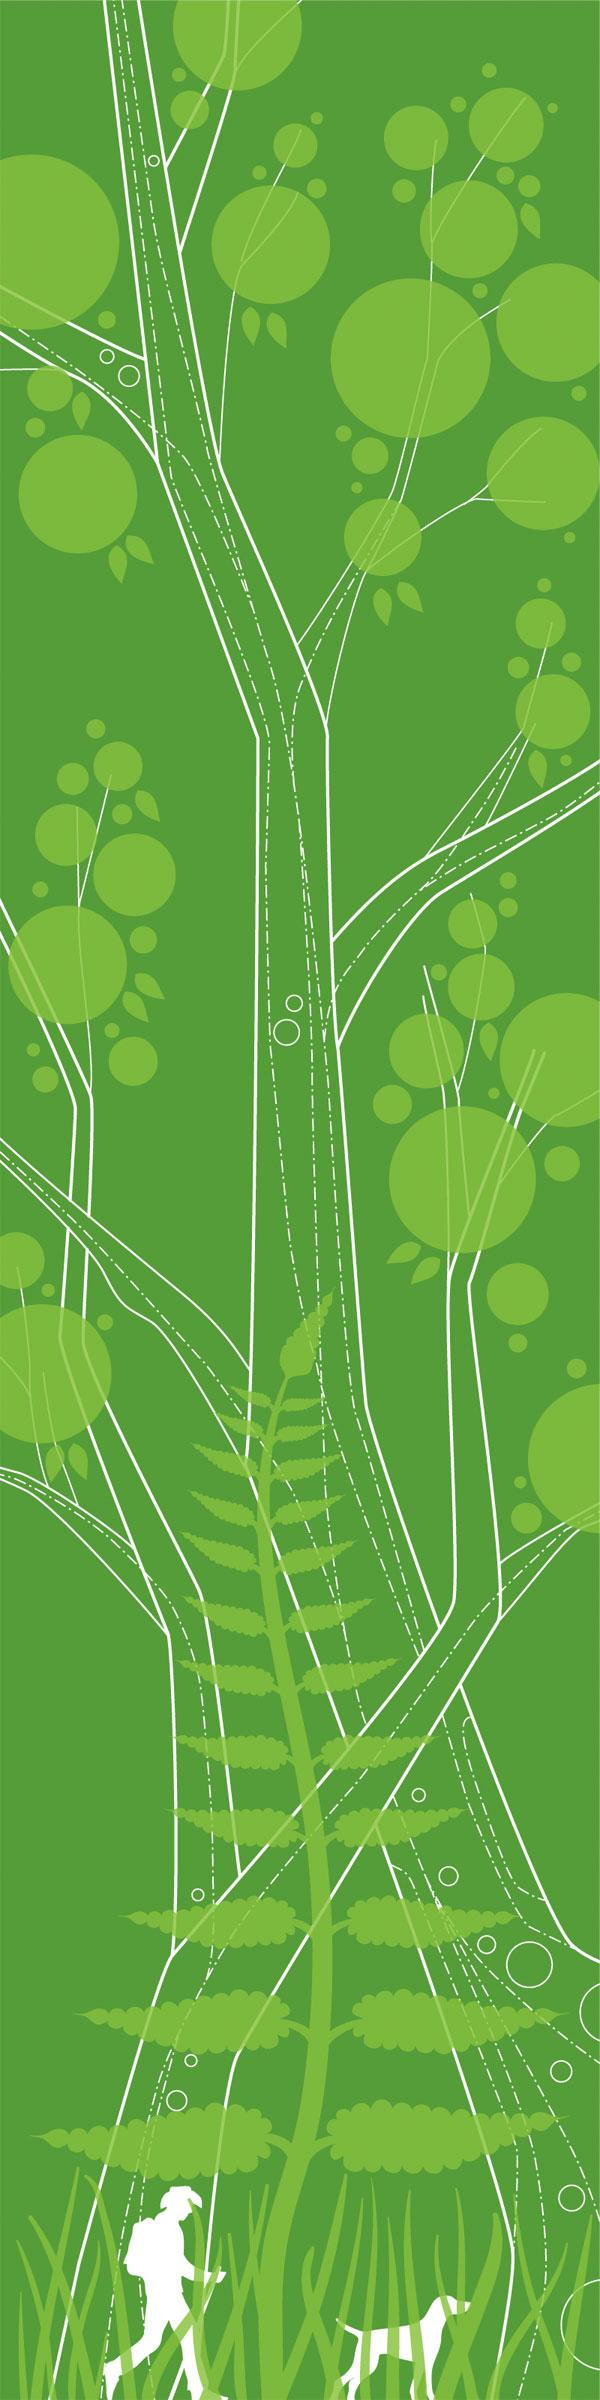 Sub Studio 'Arboreal' Size: 8 x 20 Inches